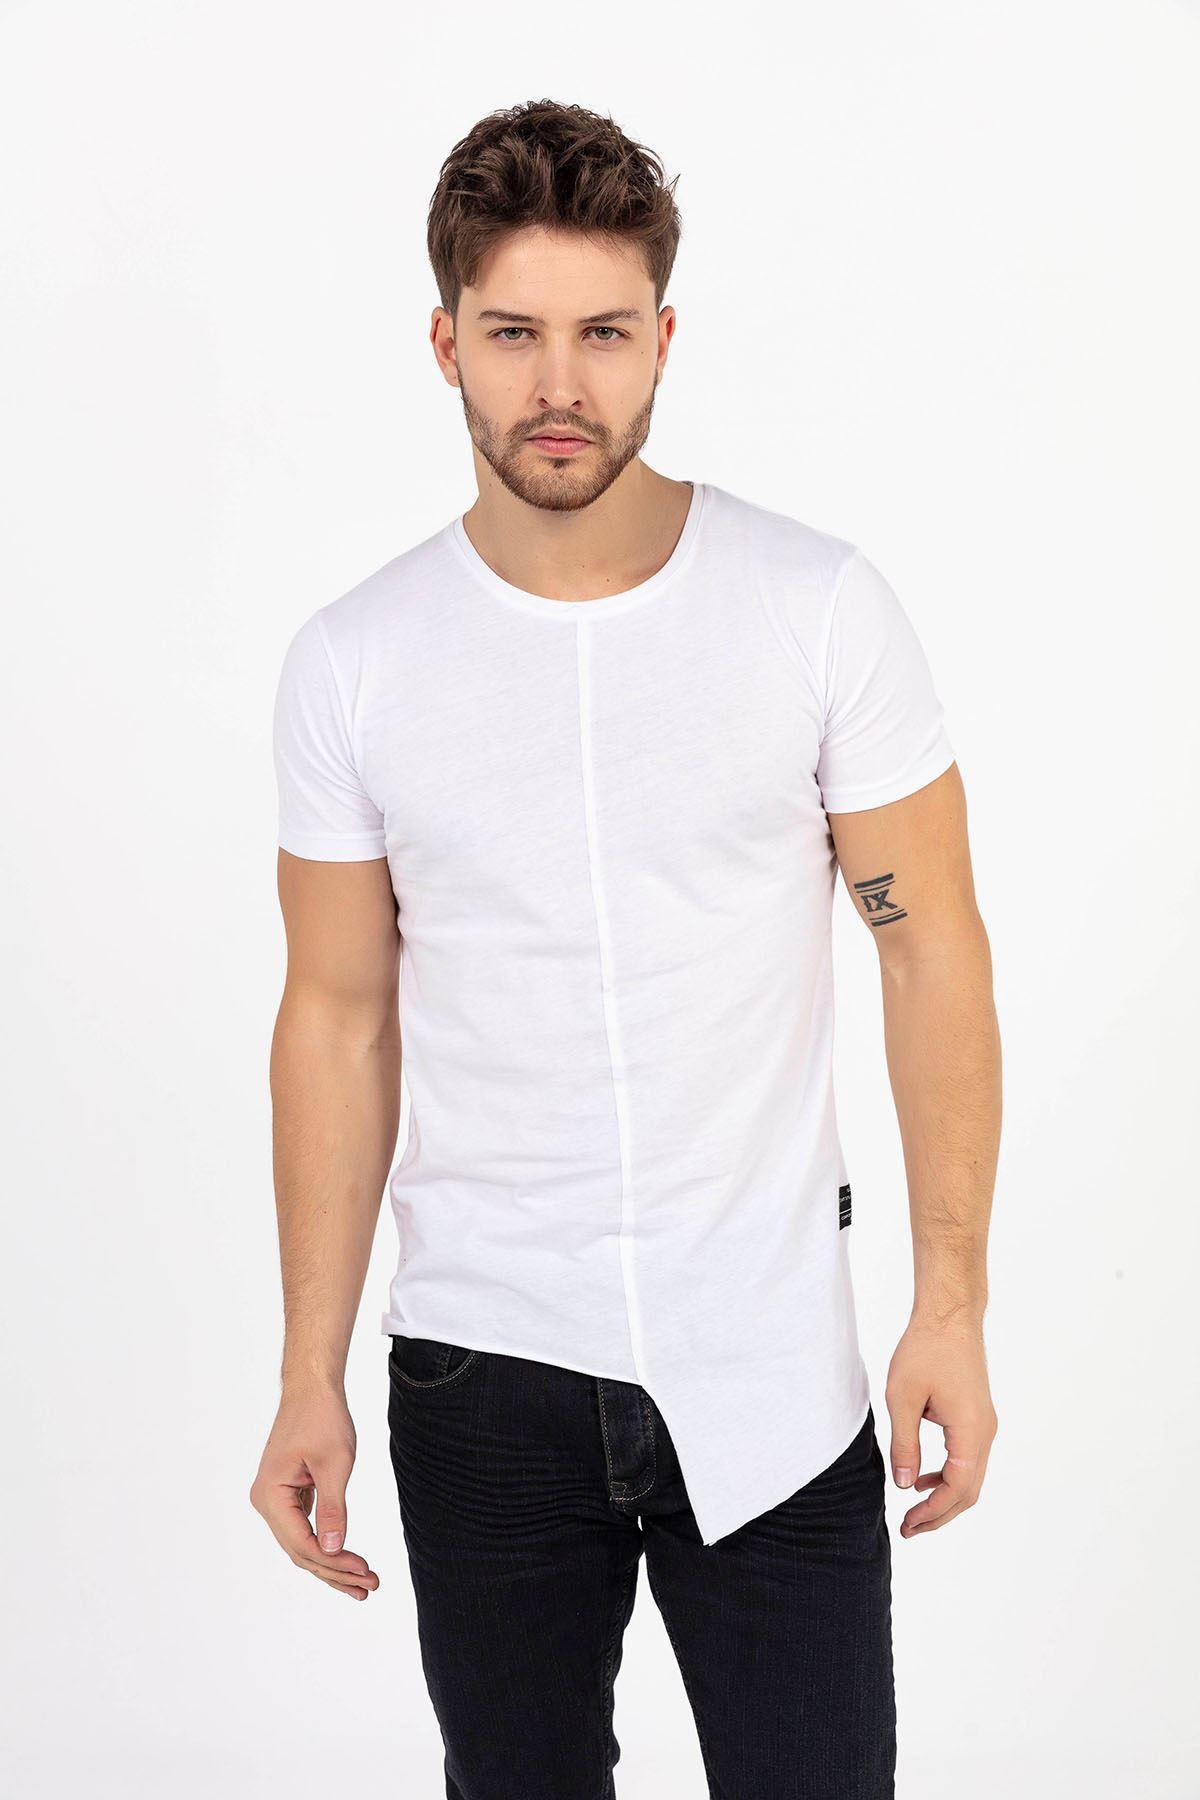 Erkek Önü Parçalı Asimetrik Beyaz T-Shirt